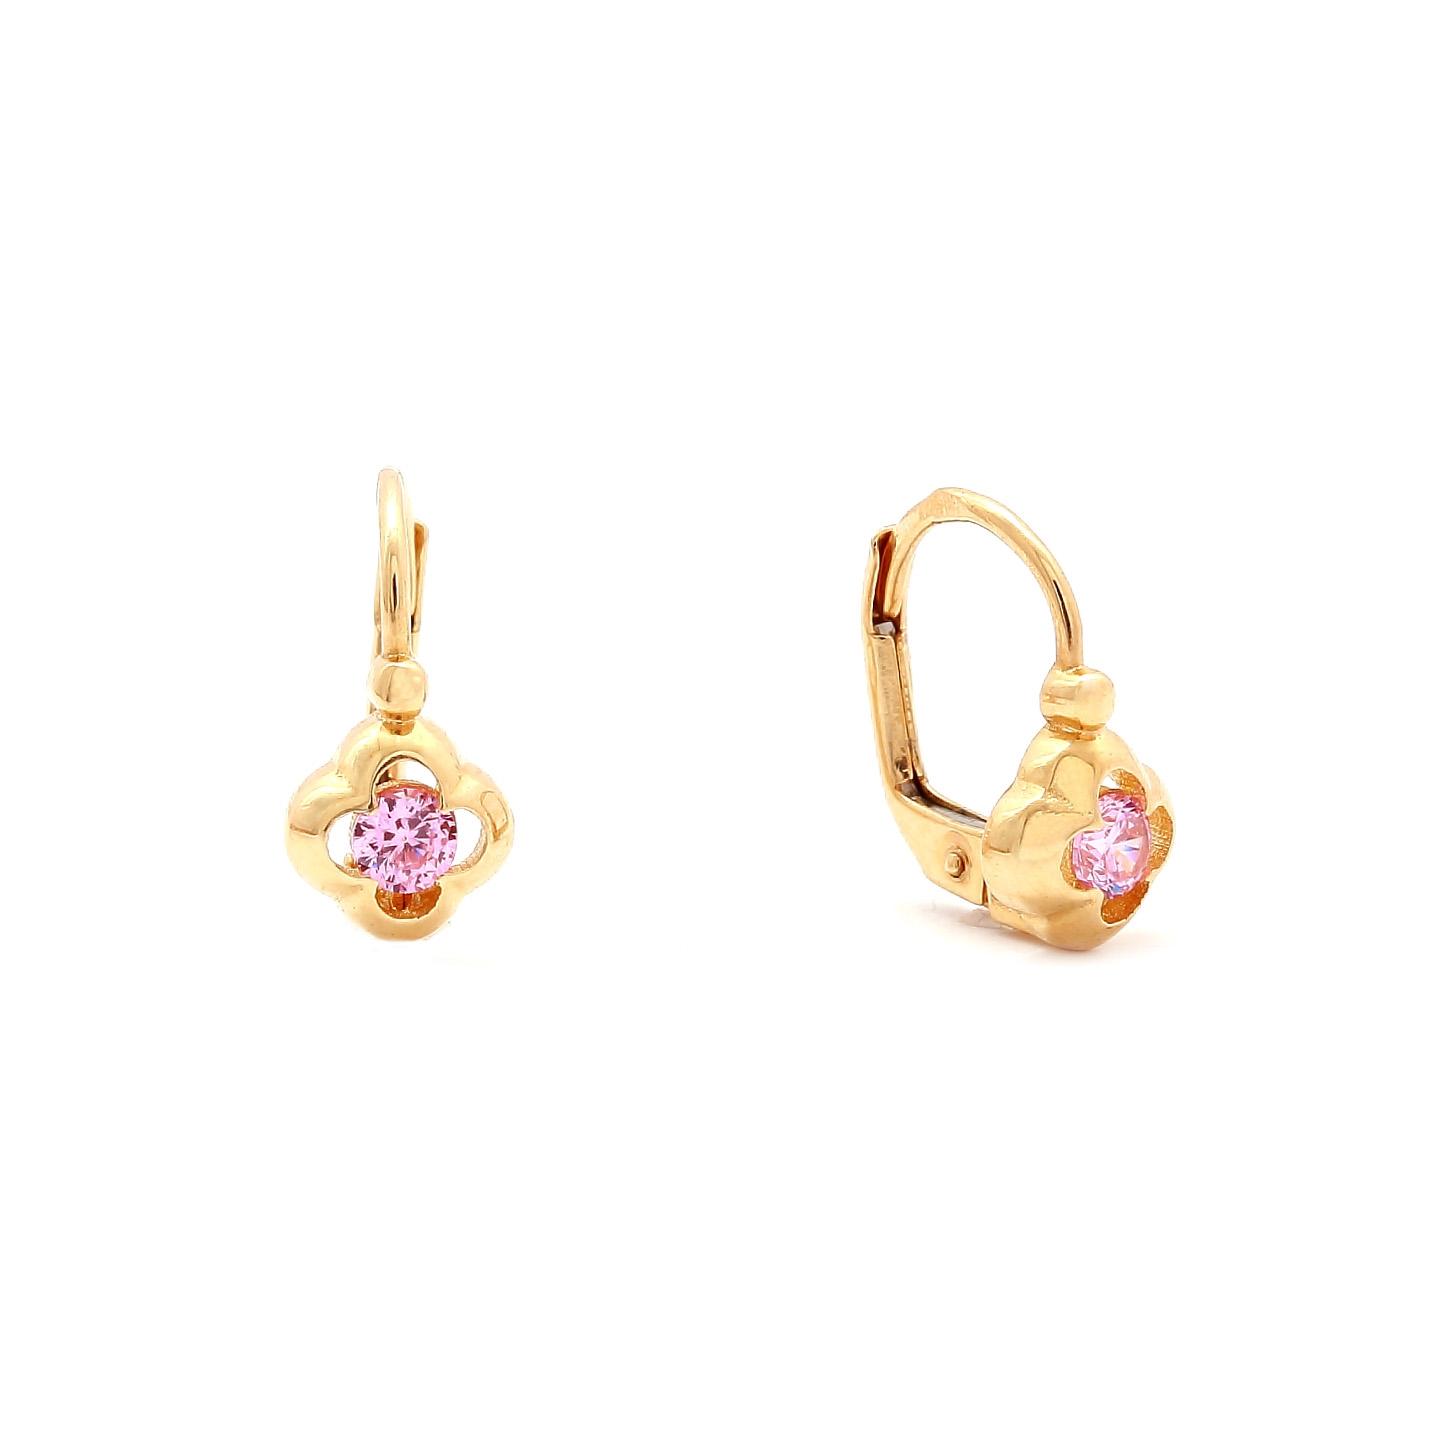 Zlaté dievčenské náušnice KVET s ružovým kameňom f003829a878